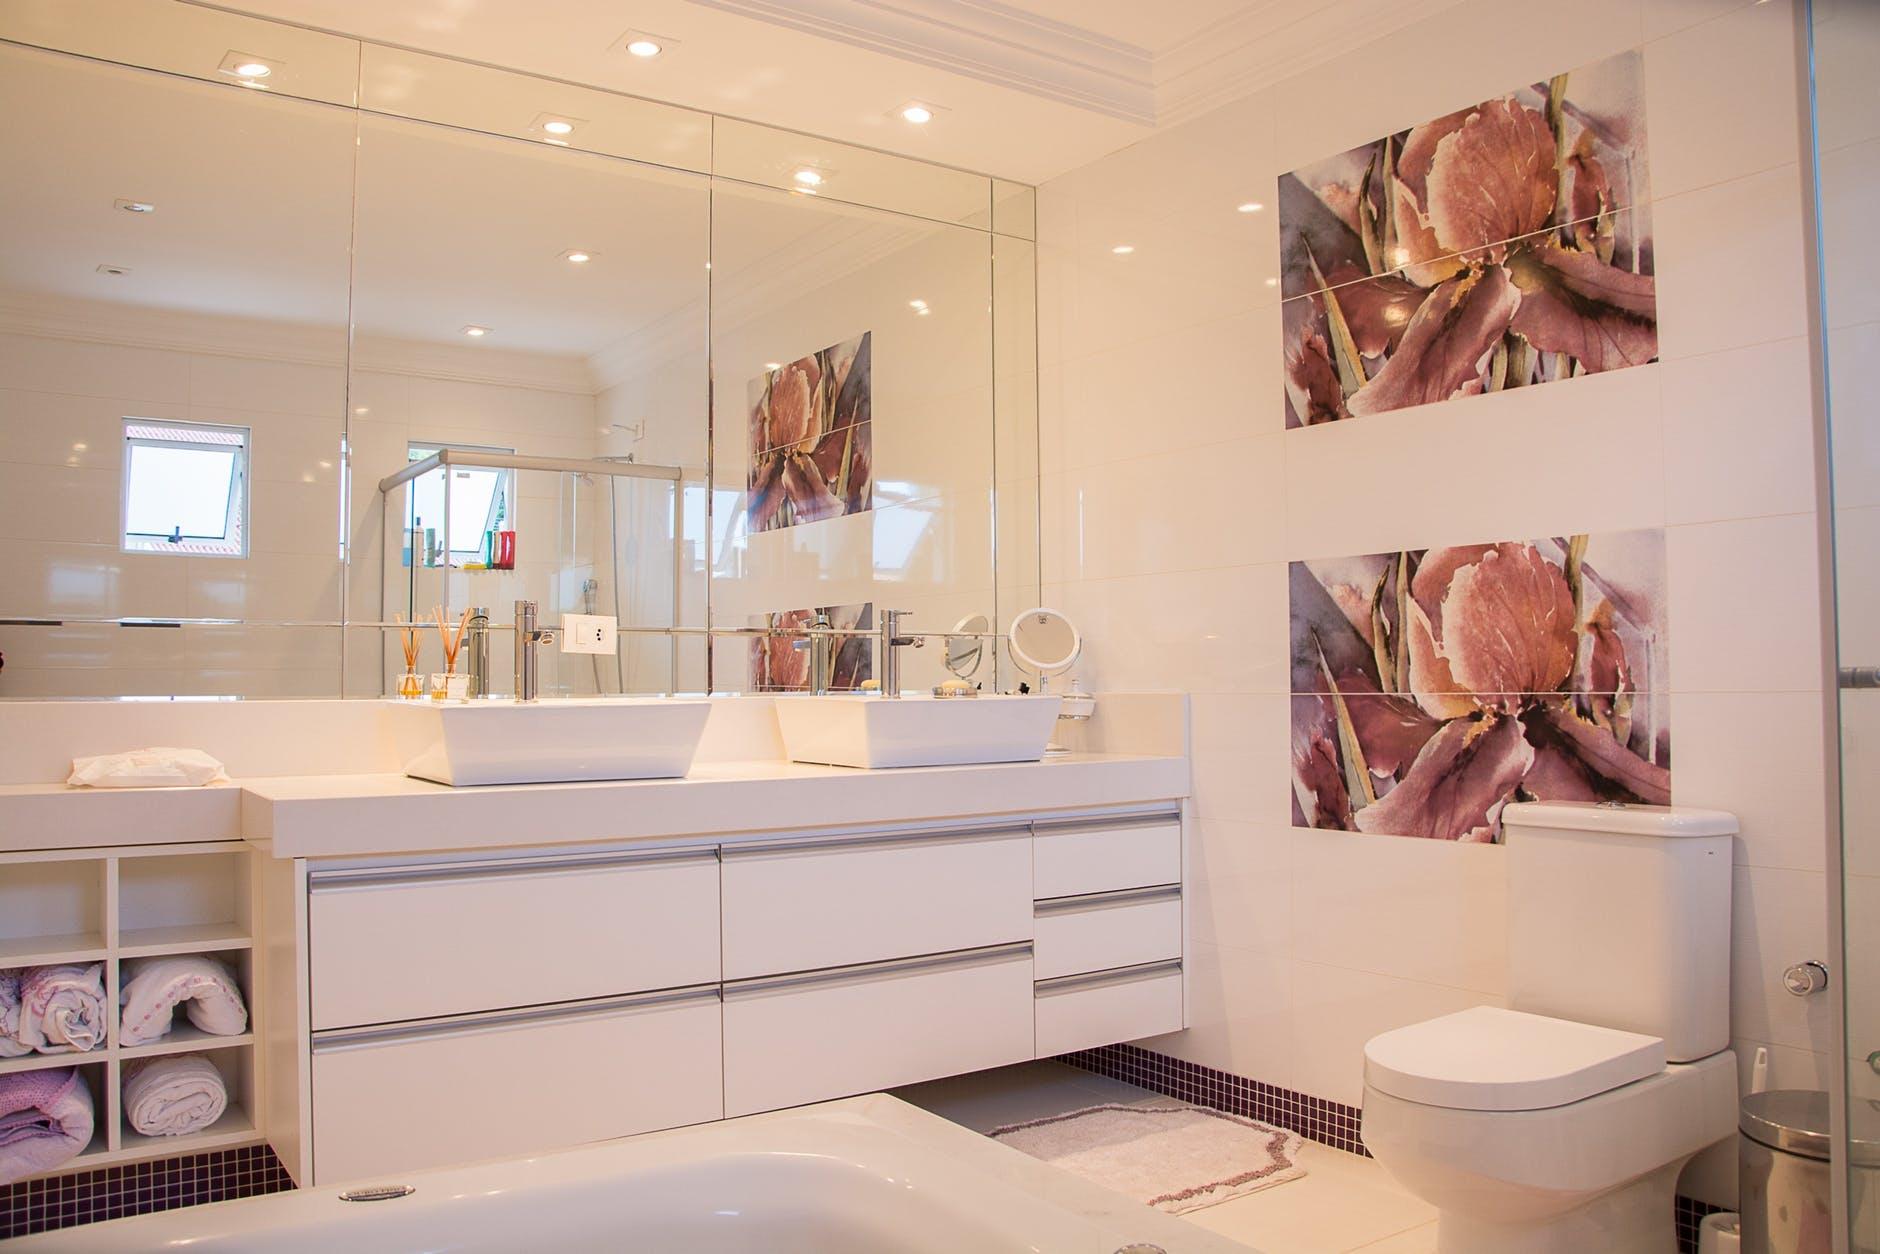 Hoe Maak Je Voegen Badkamer Schoon.Hoe Kun Je Het Beste De Voegen In Je Badkamer Schoonmaken